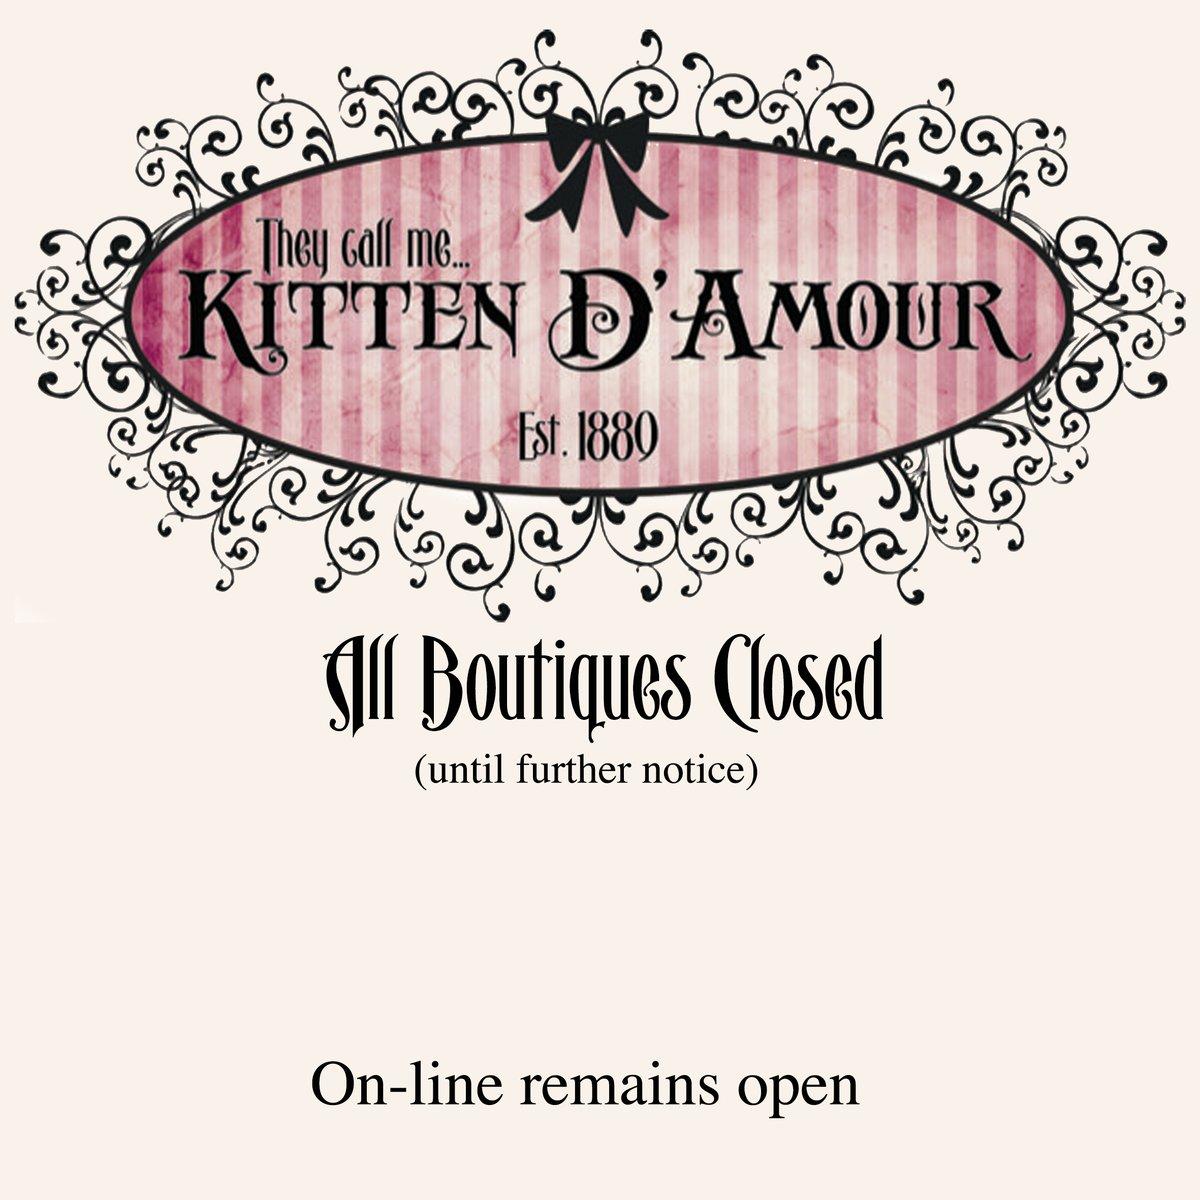 Kitten D Amour Kittendamour Twitter